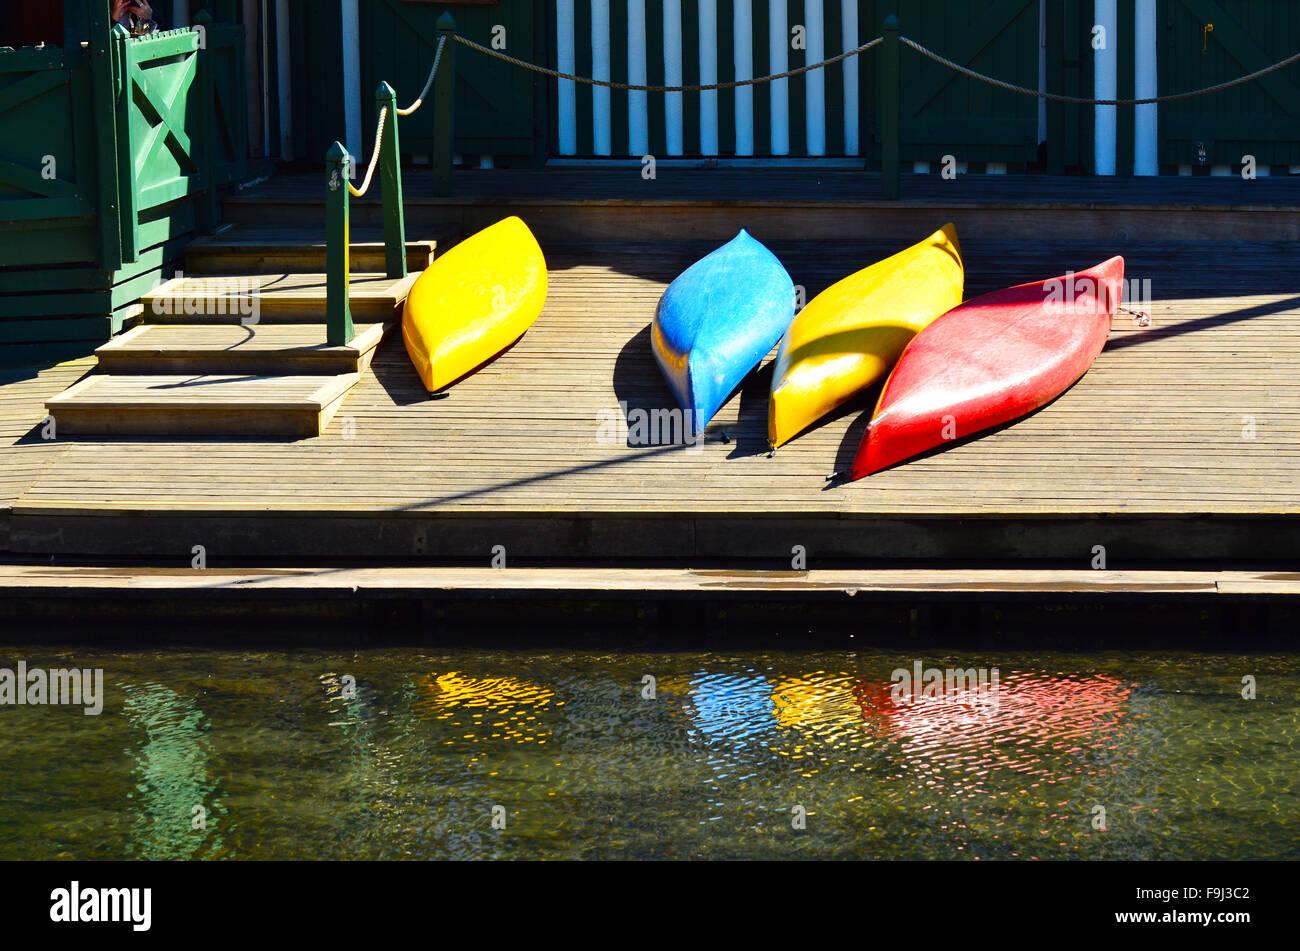 Kayaks colorati su un molo in legno. La vacanza estiva concept Immagini Stock